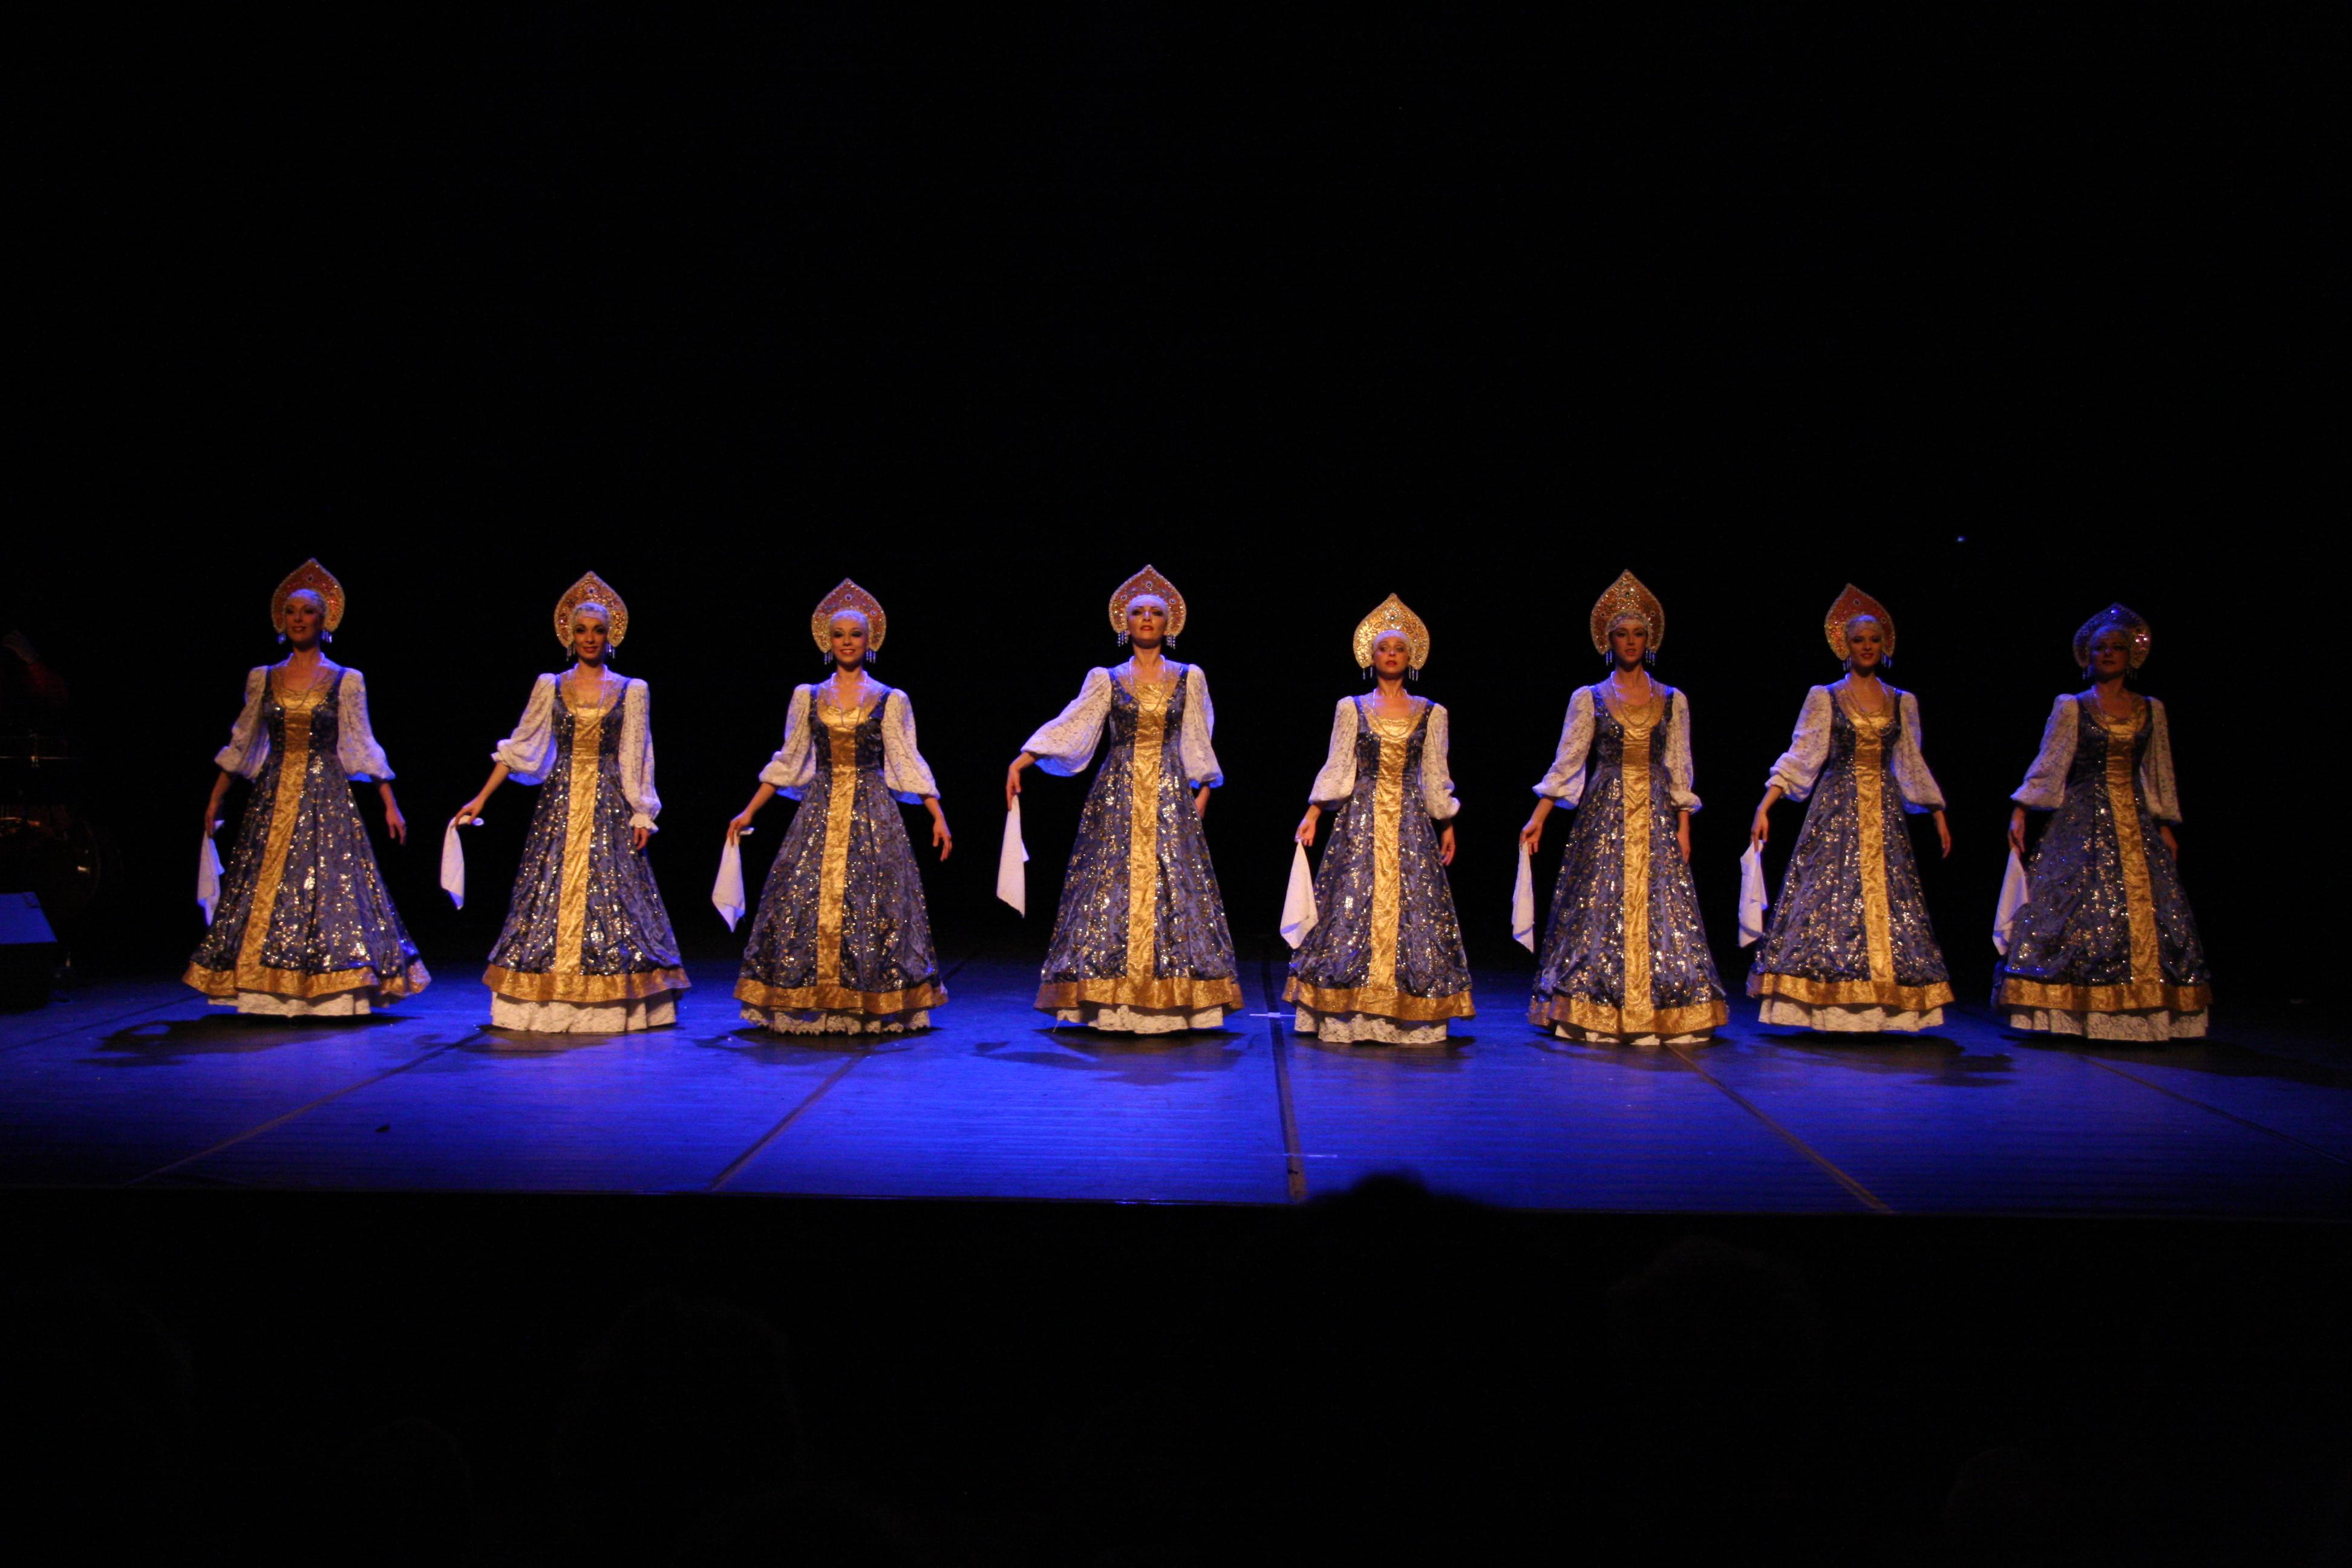 danseuses russes paris